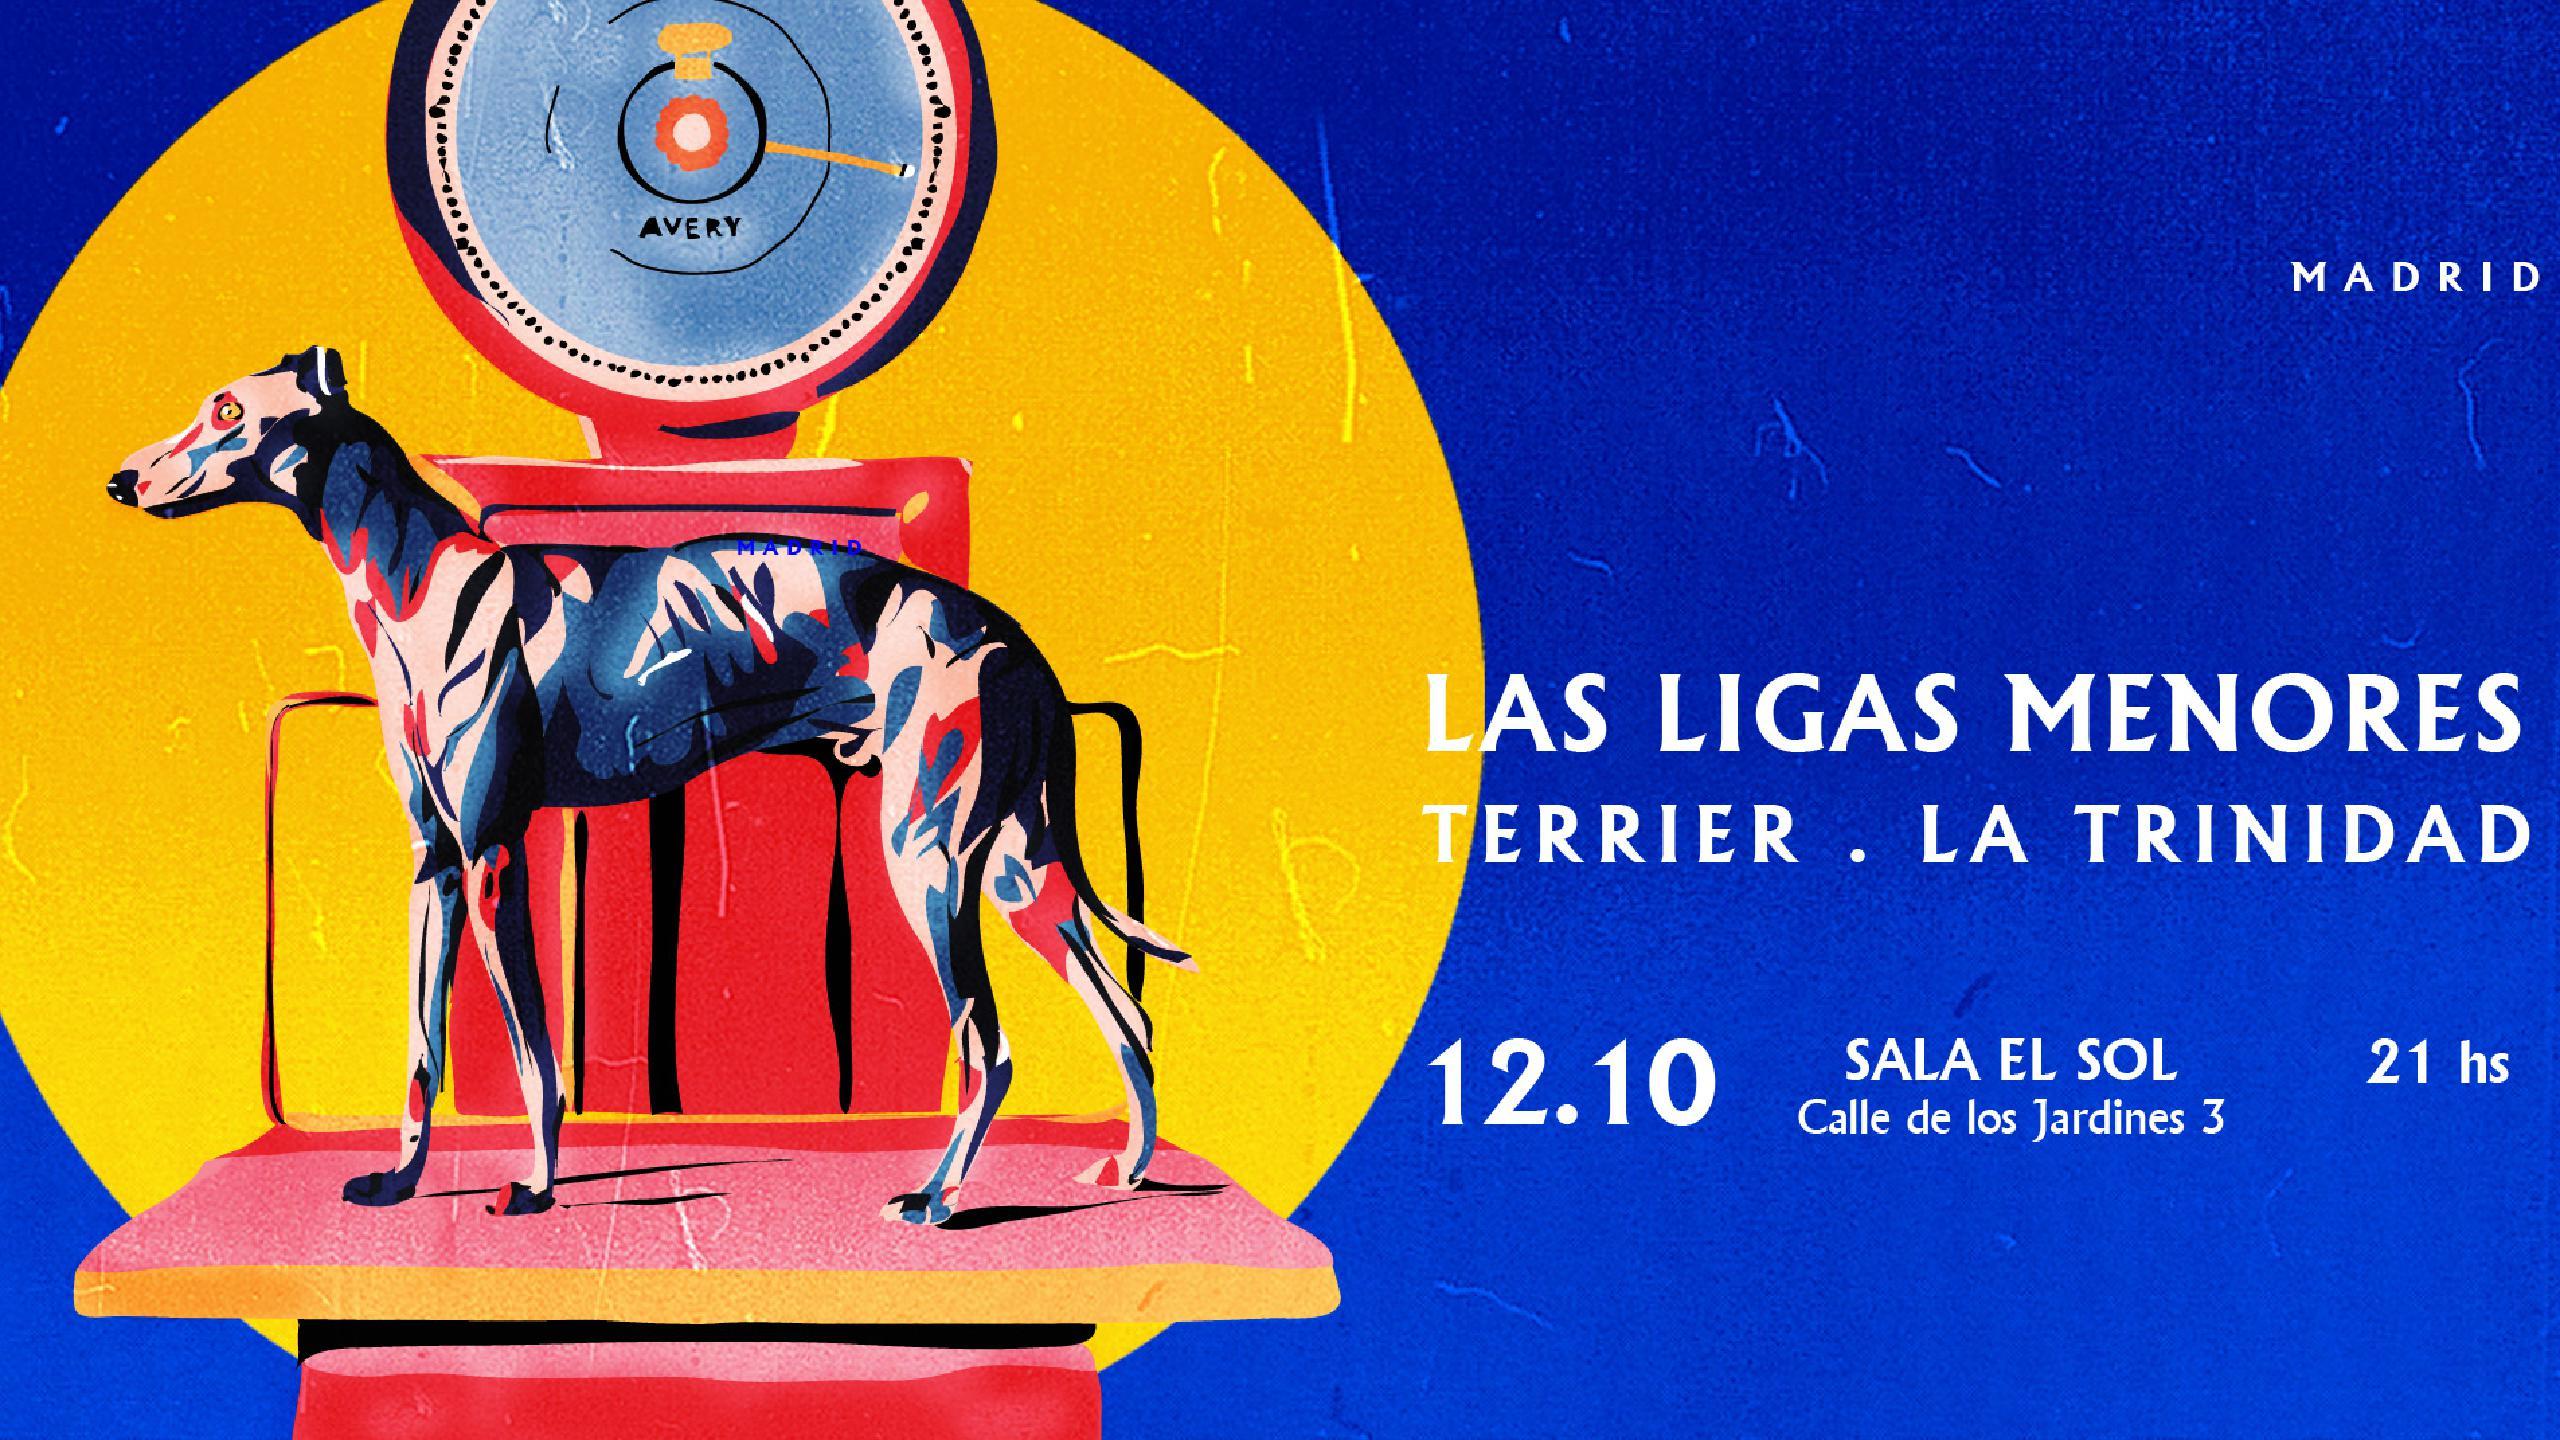 Agenda de giras, conciertos y festivales - Página 12 Las-ligas-menores-terrier-la-trinidad-1568364603.51.2560x1440